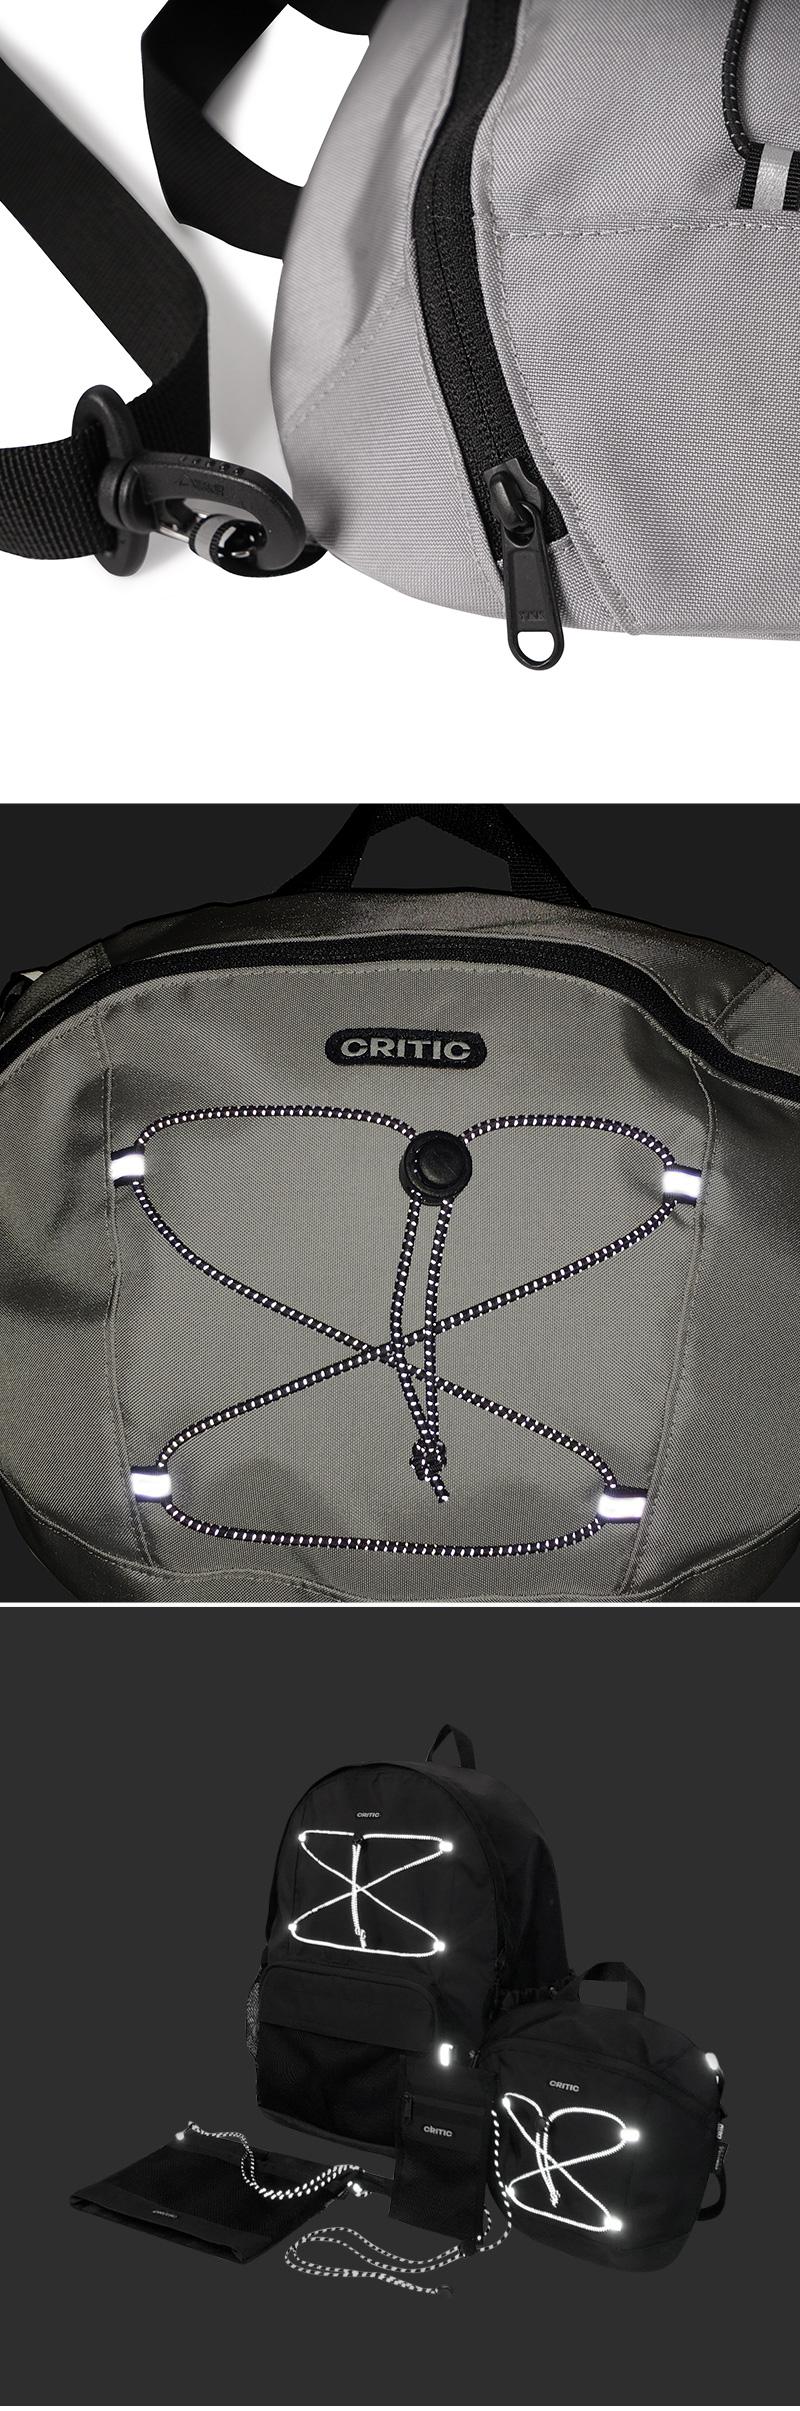 크리틱 CORDURA CROSS BAG(GRAY)_CTONUBG01UC0